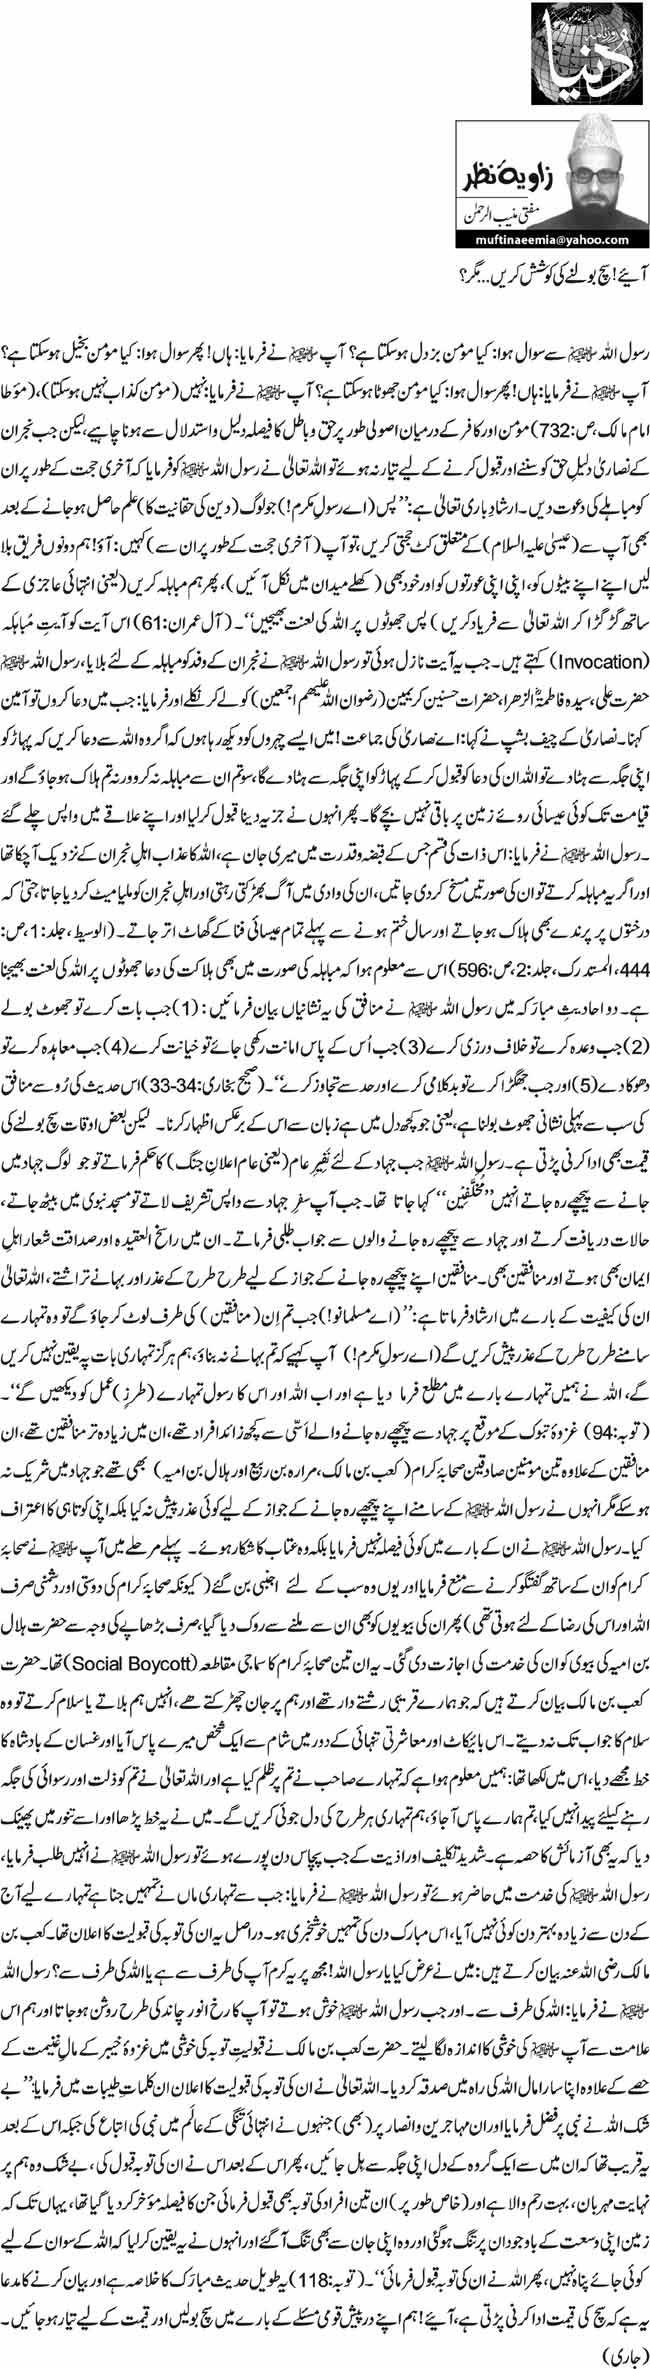 Ayye ! Sach Bolne Ki Koshish Karein ... Magar ? - Mufti Muneeb ur Rehman - 25th November 2013